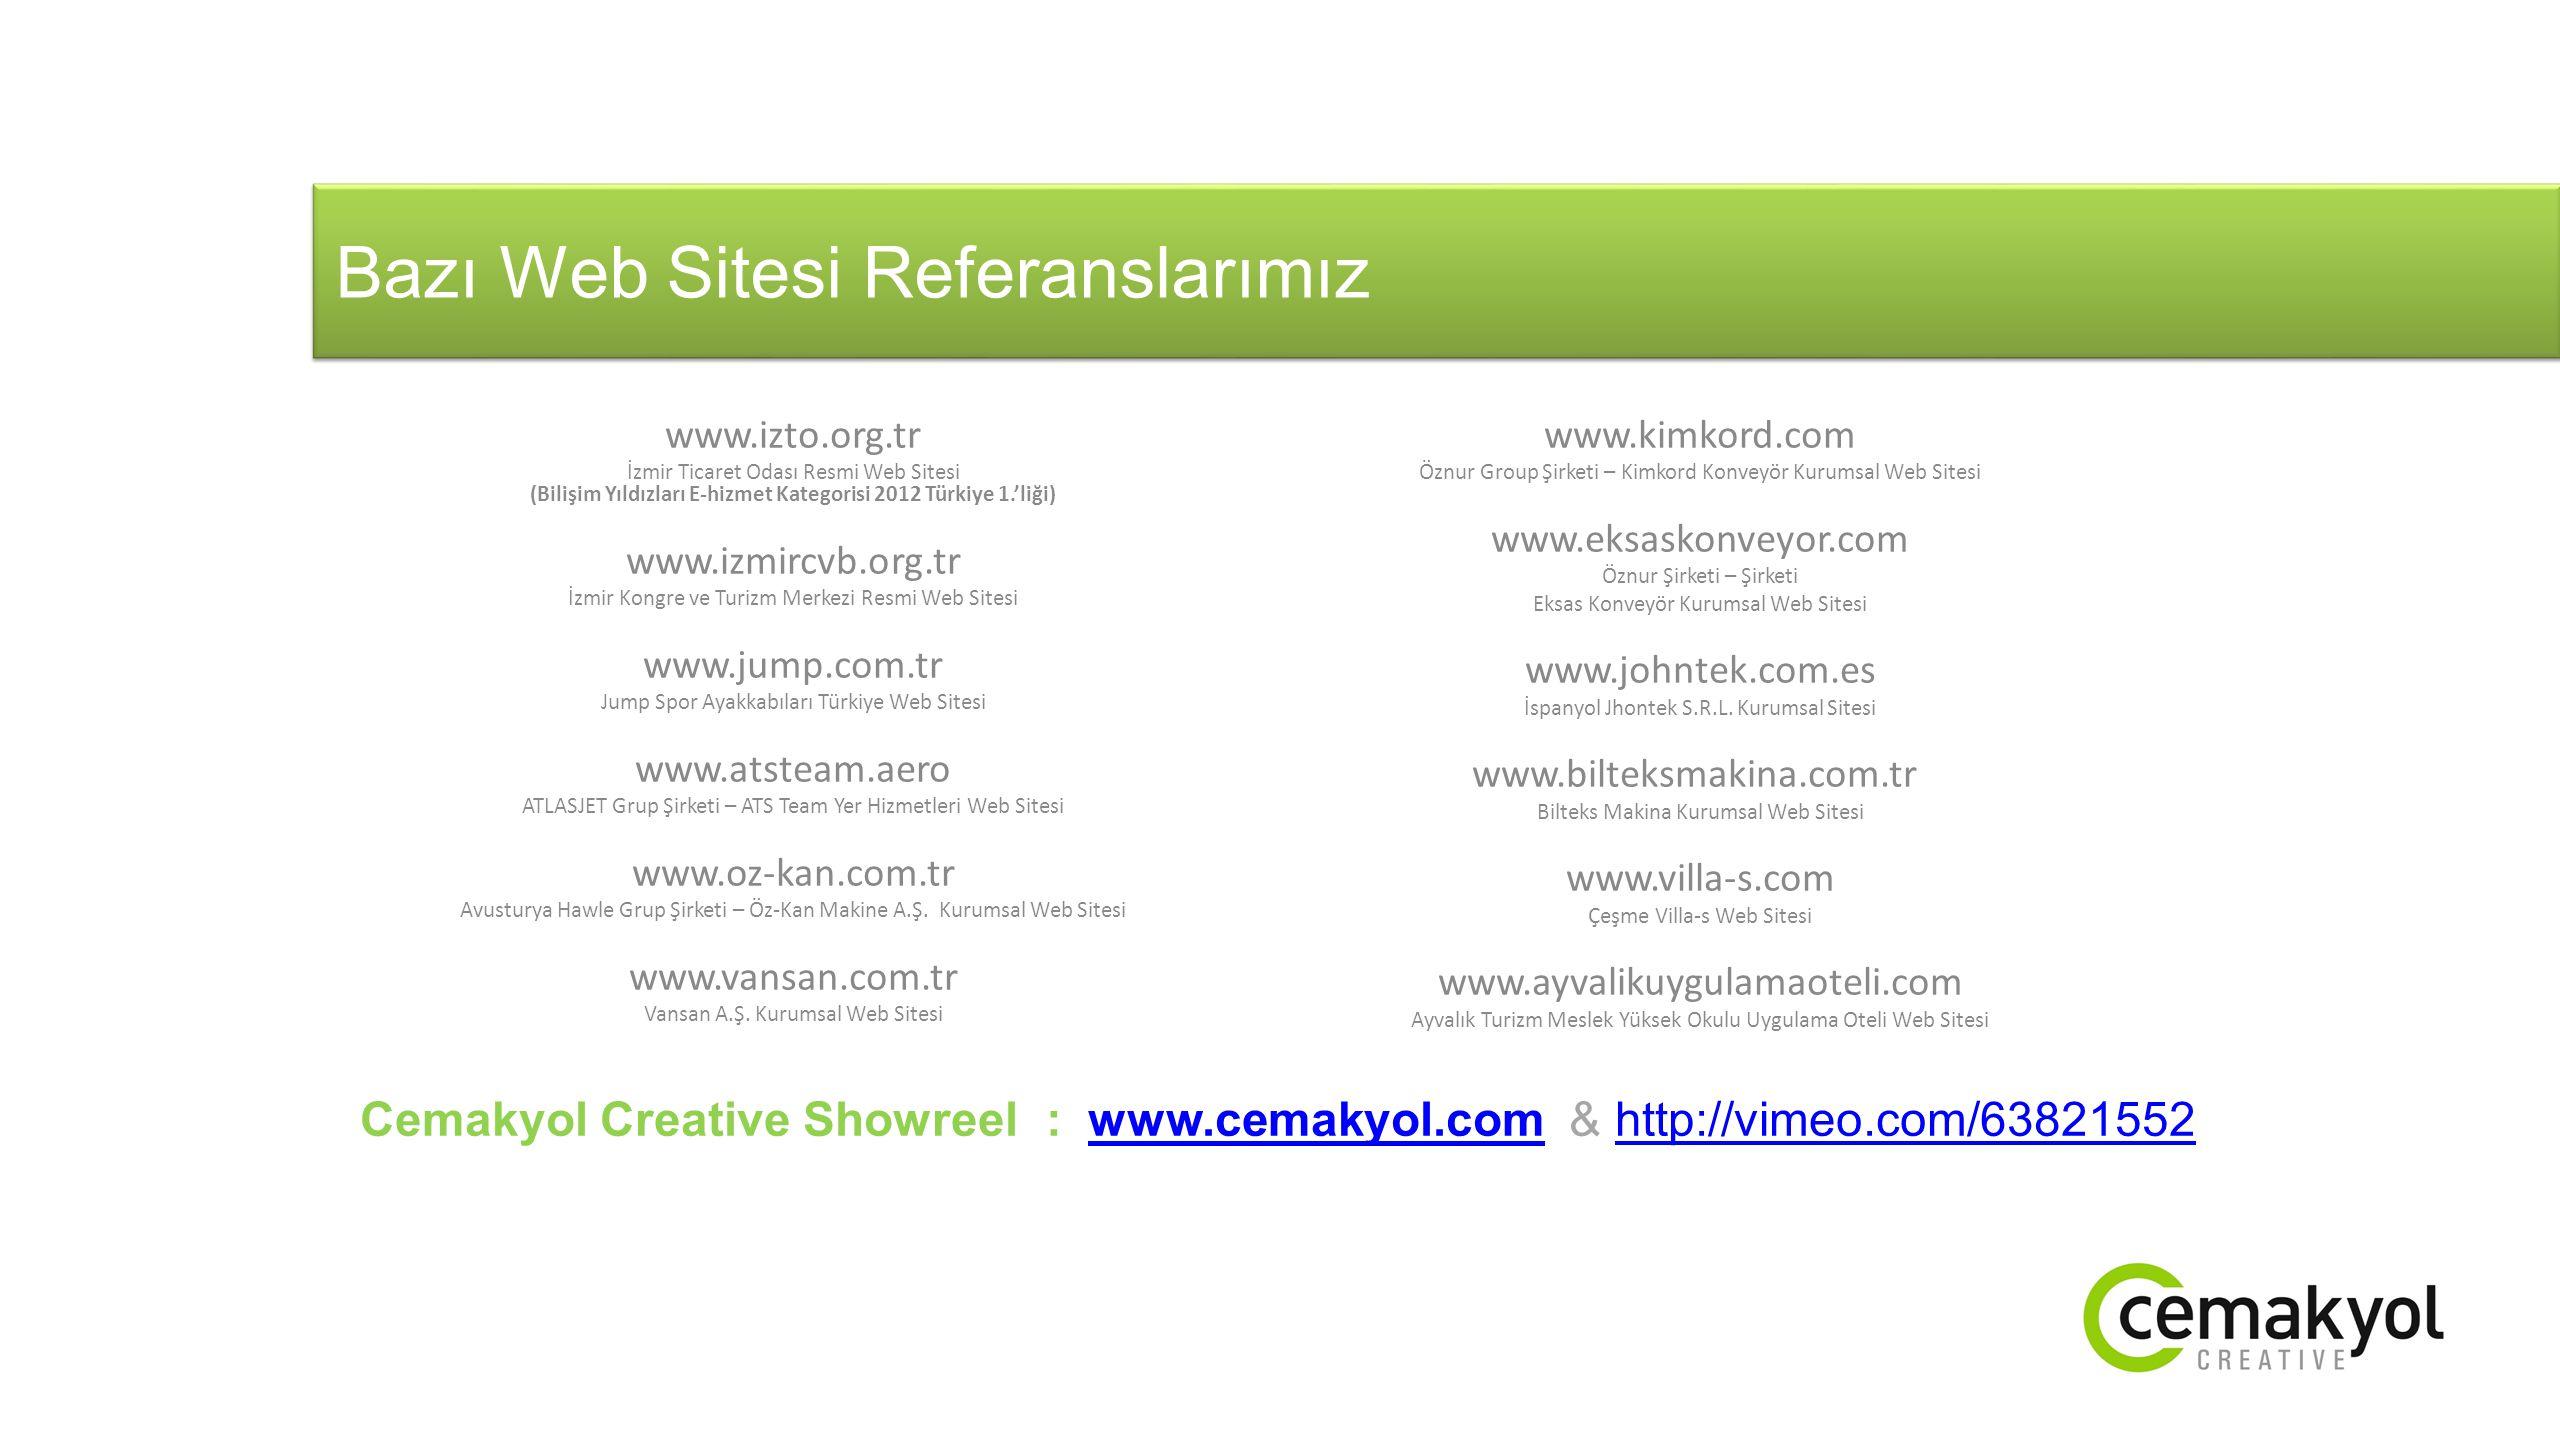 Bazı Web Sitesi Referanslarımız